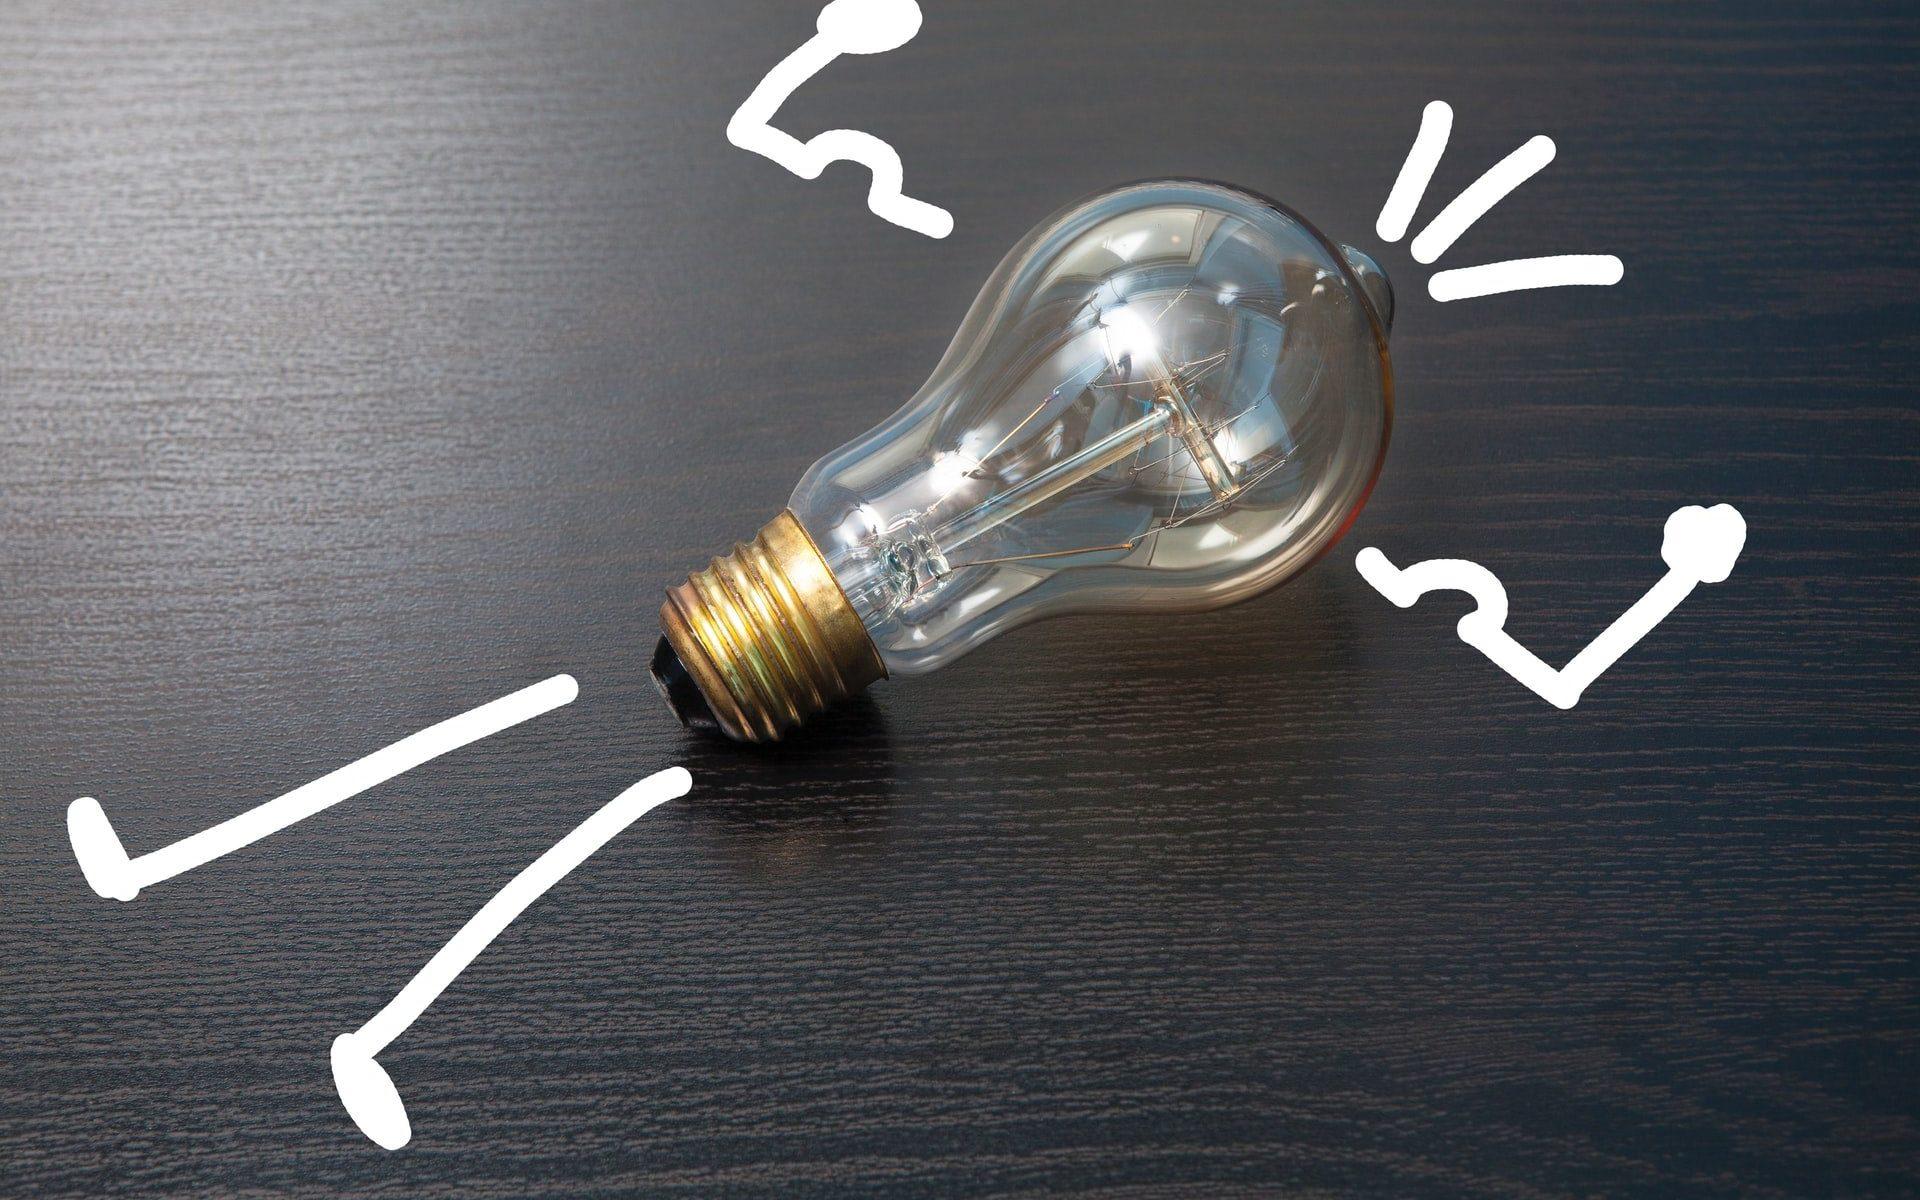 Einzigartige und innovative Geschäftsideen